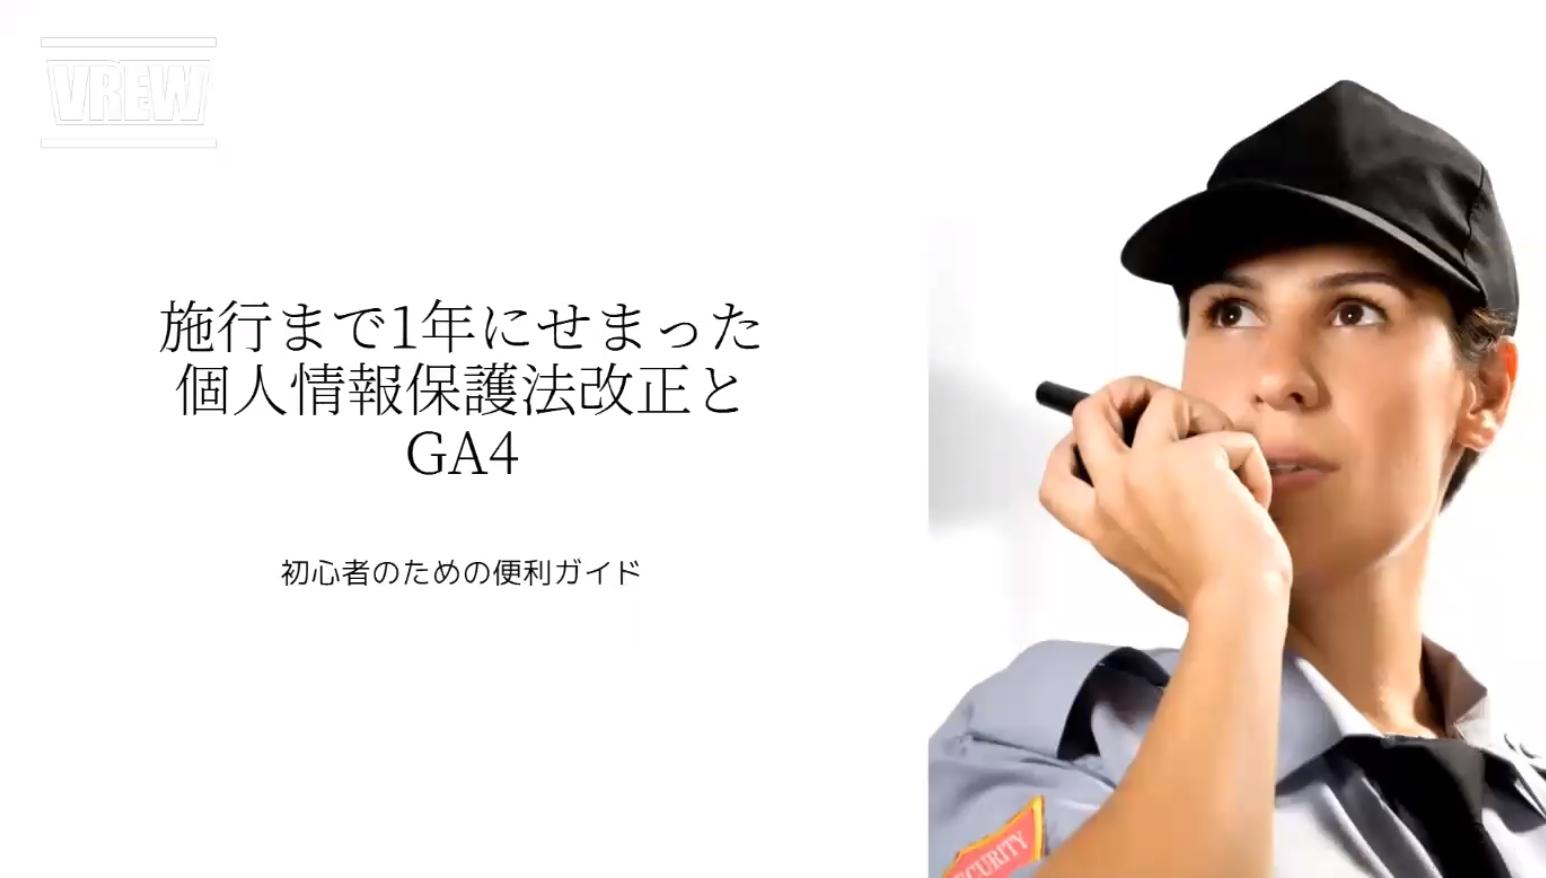 仙田利夫氏